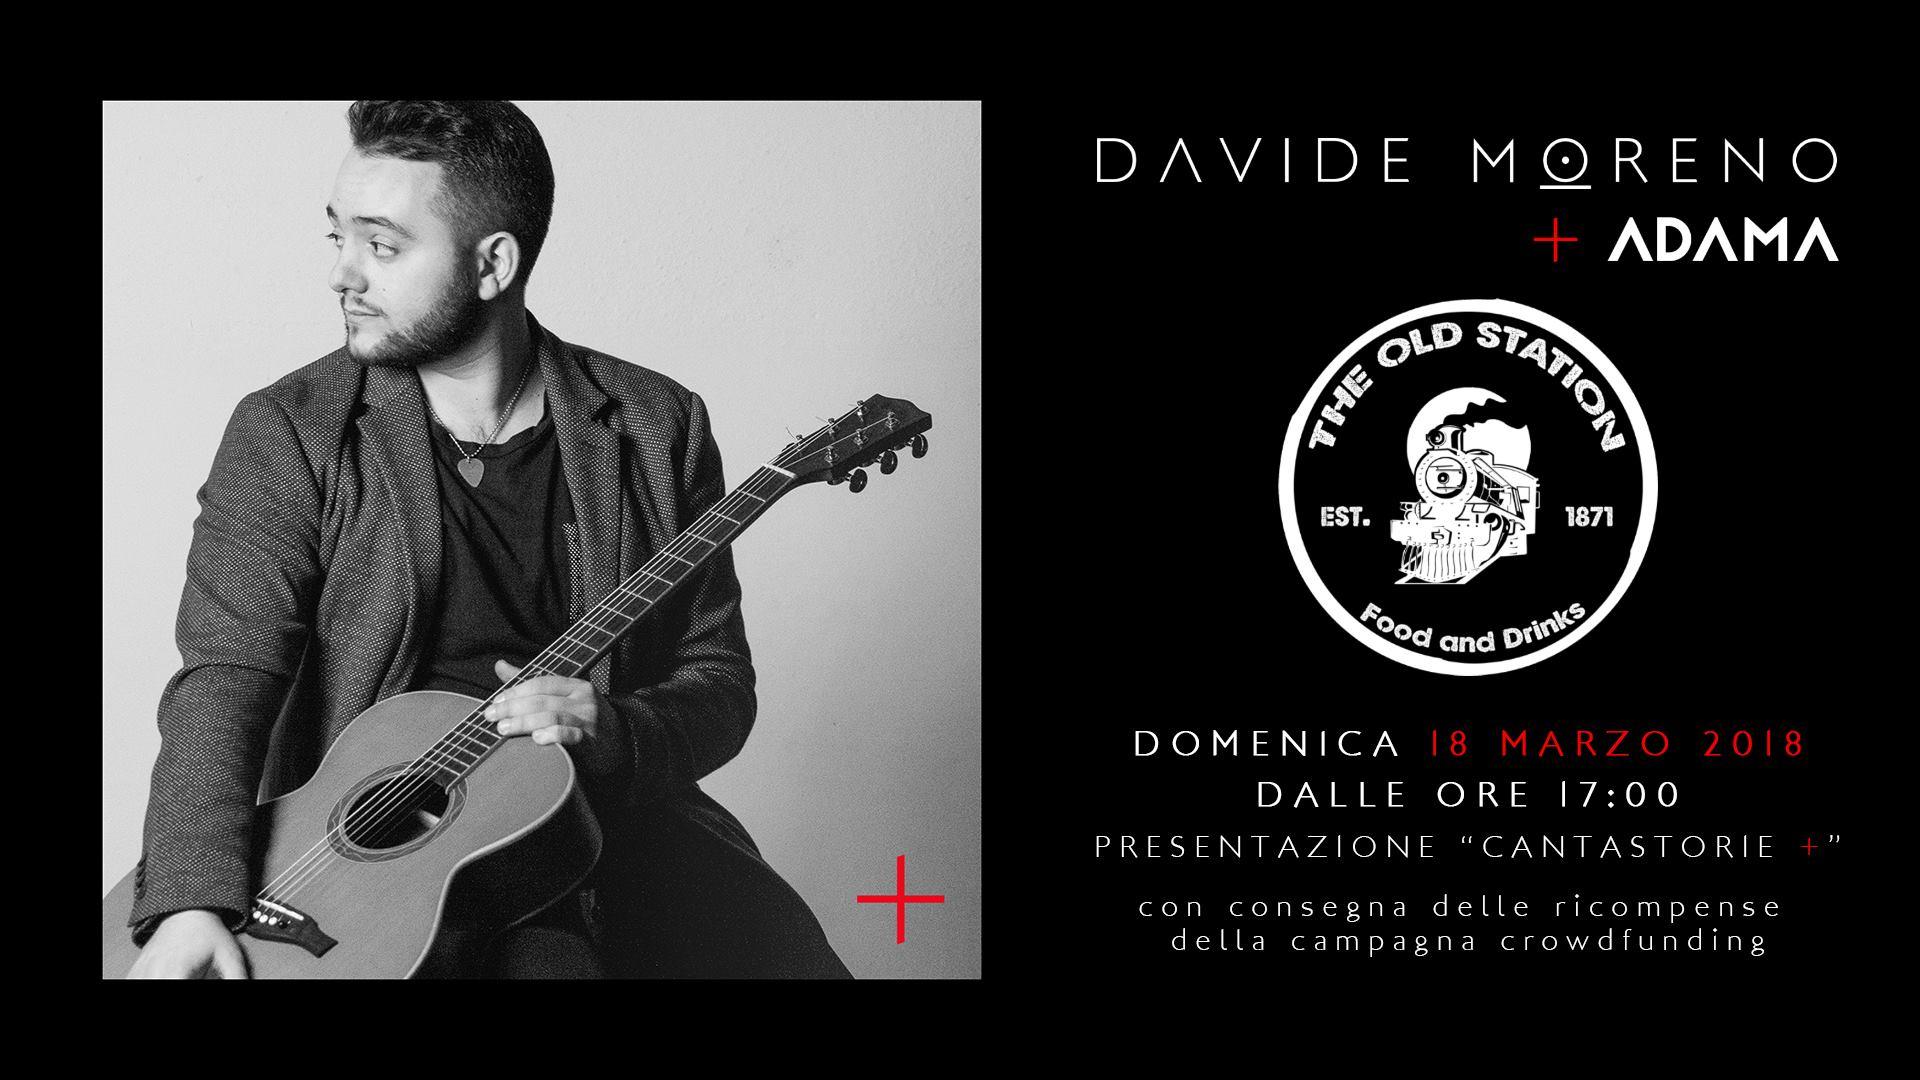 """Davide Moreno & Adamà in concerto - presentazione """"Cantastorie+"""""""